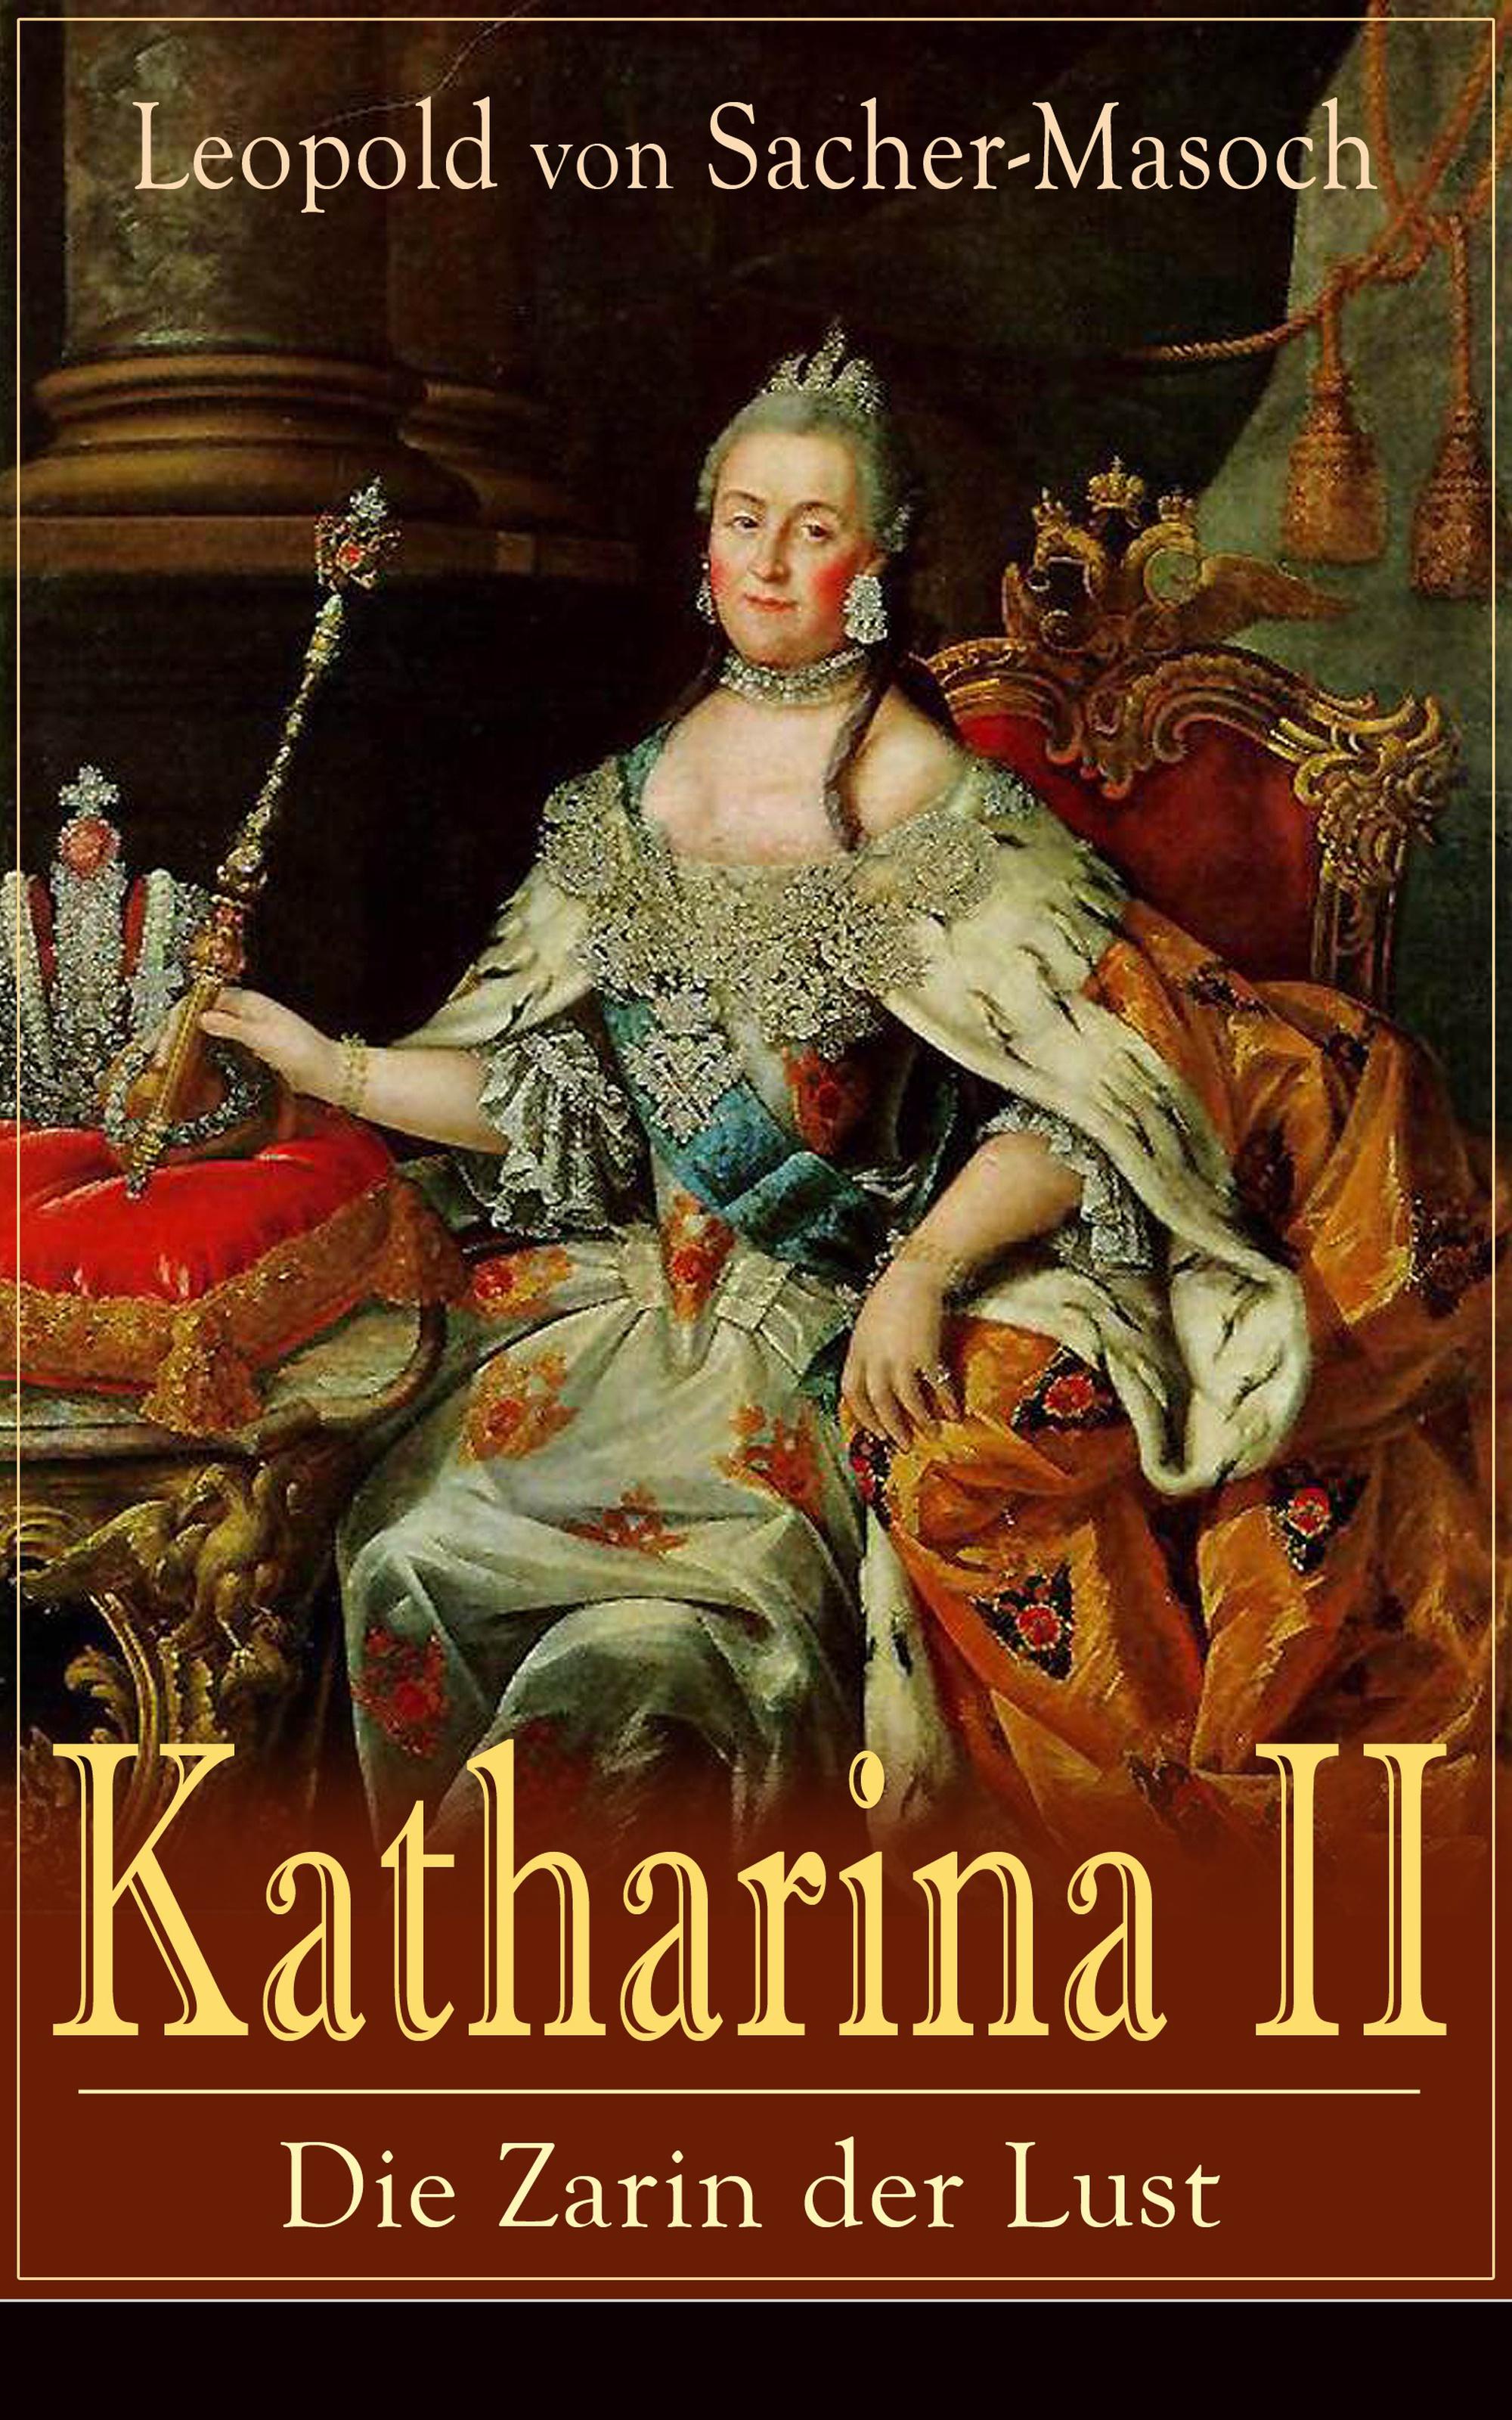 Leopold von Sacher-Masoch Katharina II: Die Zarin der Lust